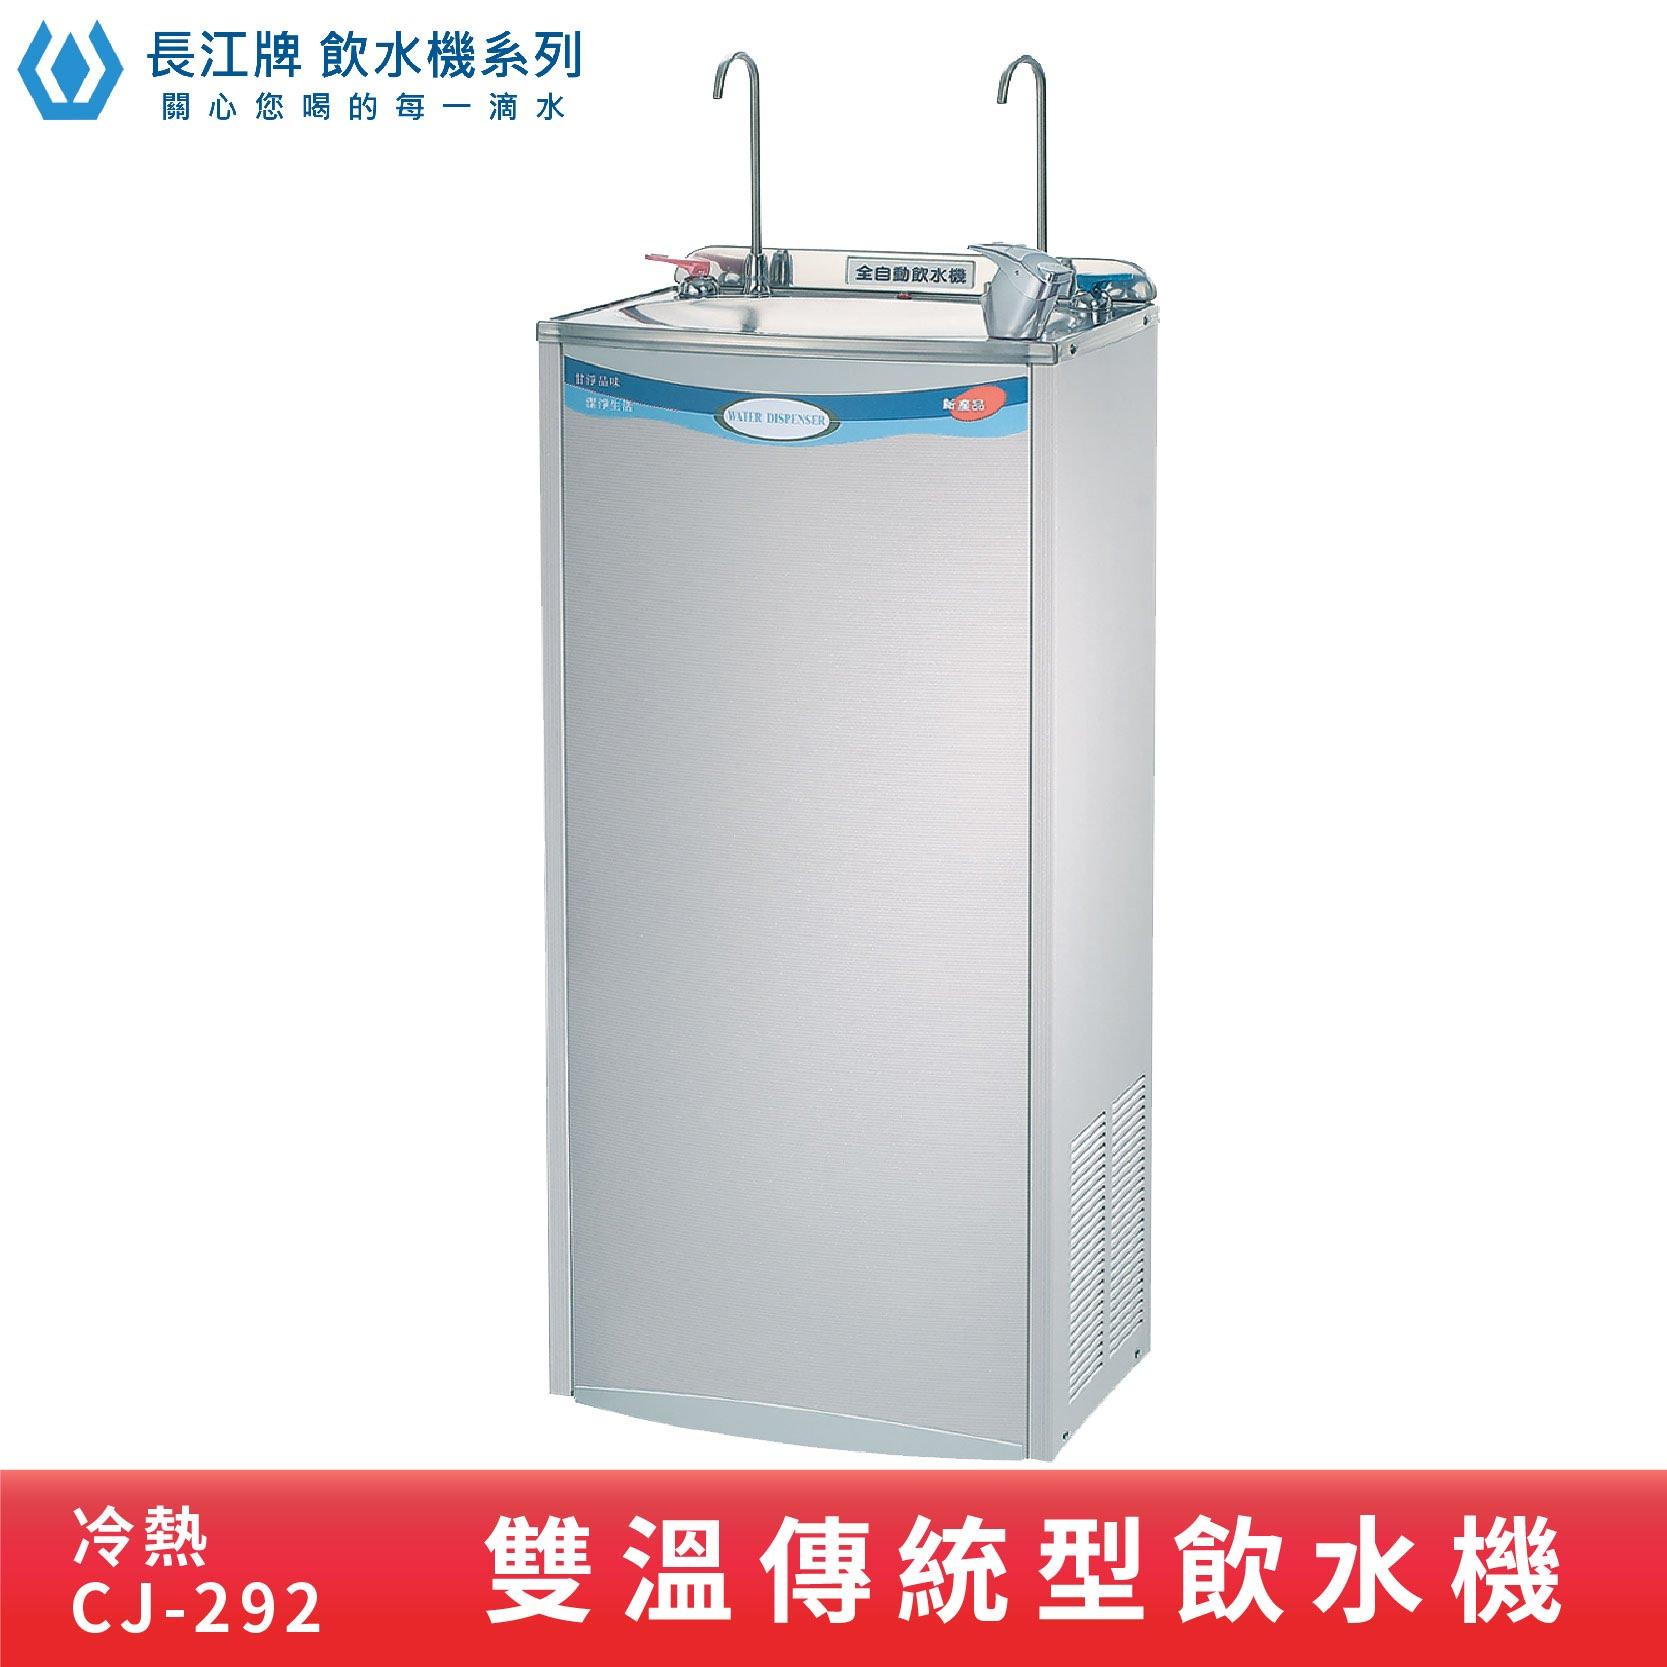 長江 參溫飲水機【傳統型】CJ-292 冷/熱 立地型落地型 開飲機 開水機 學校 公司 公家機關 台灣製造